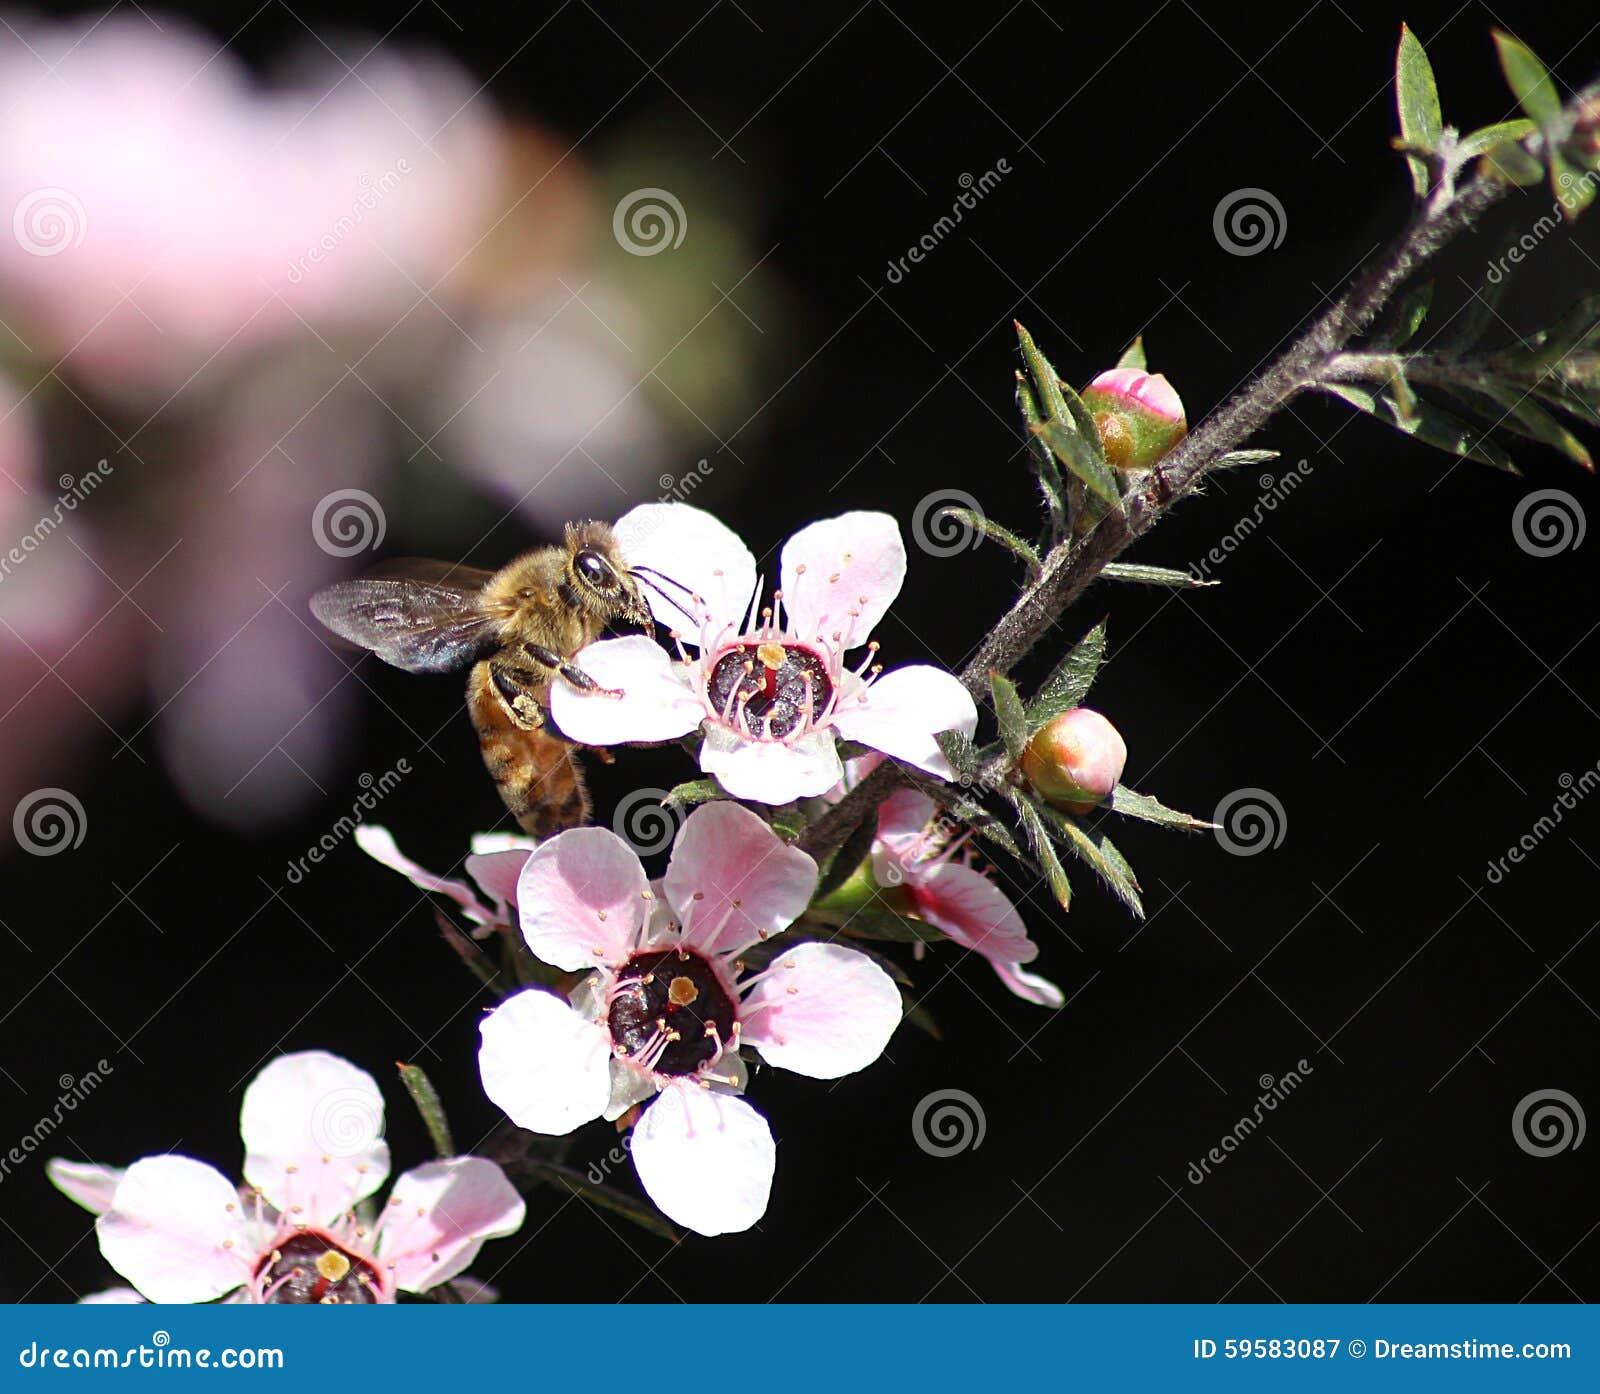 Honey Bee on Manuka Flower